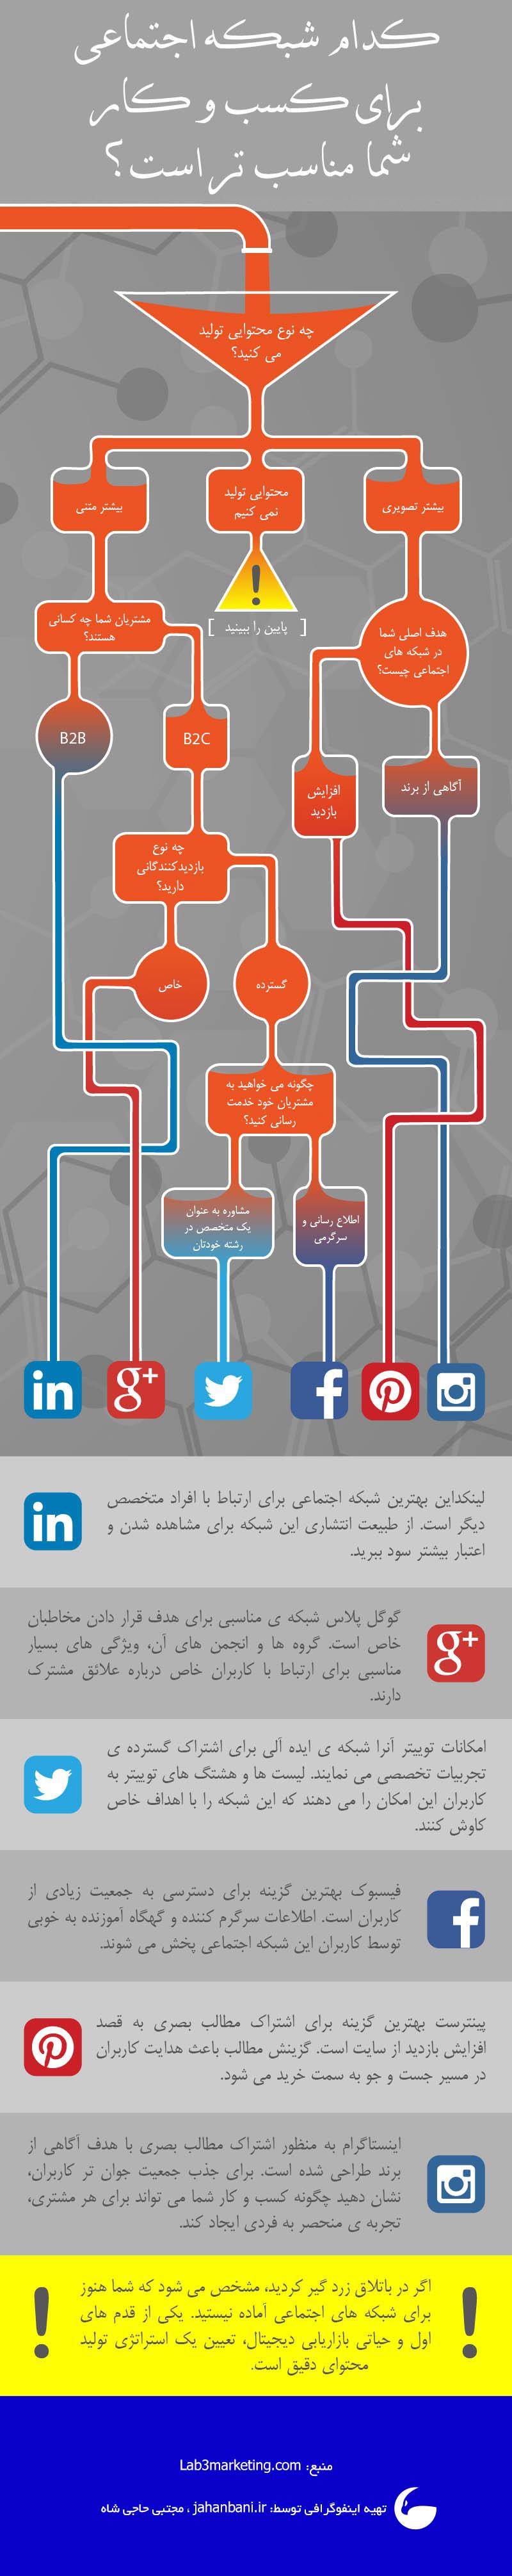 اینفوگرافی کدام شبکه اجتماعی برای کسب و کار شما مناسب تر است جهانبانی